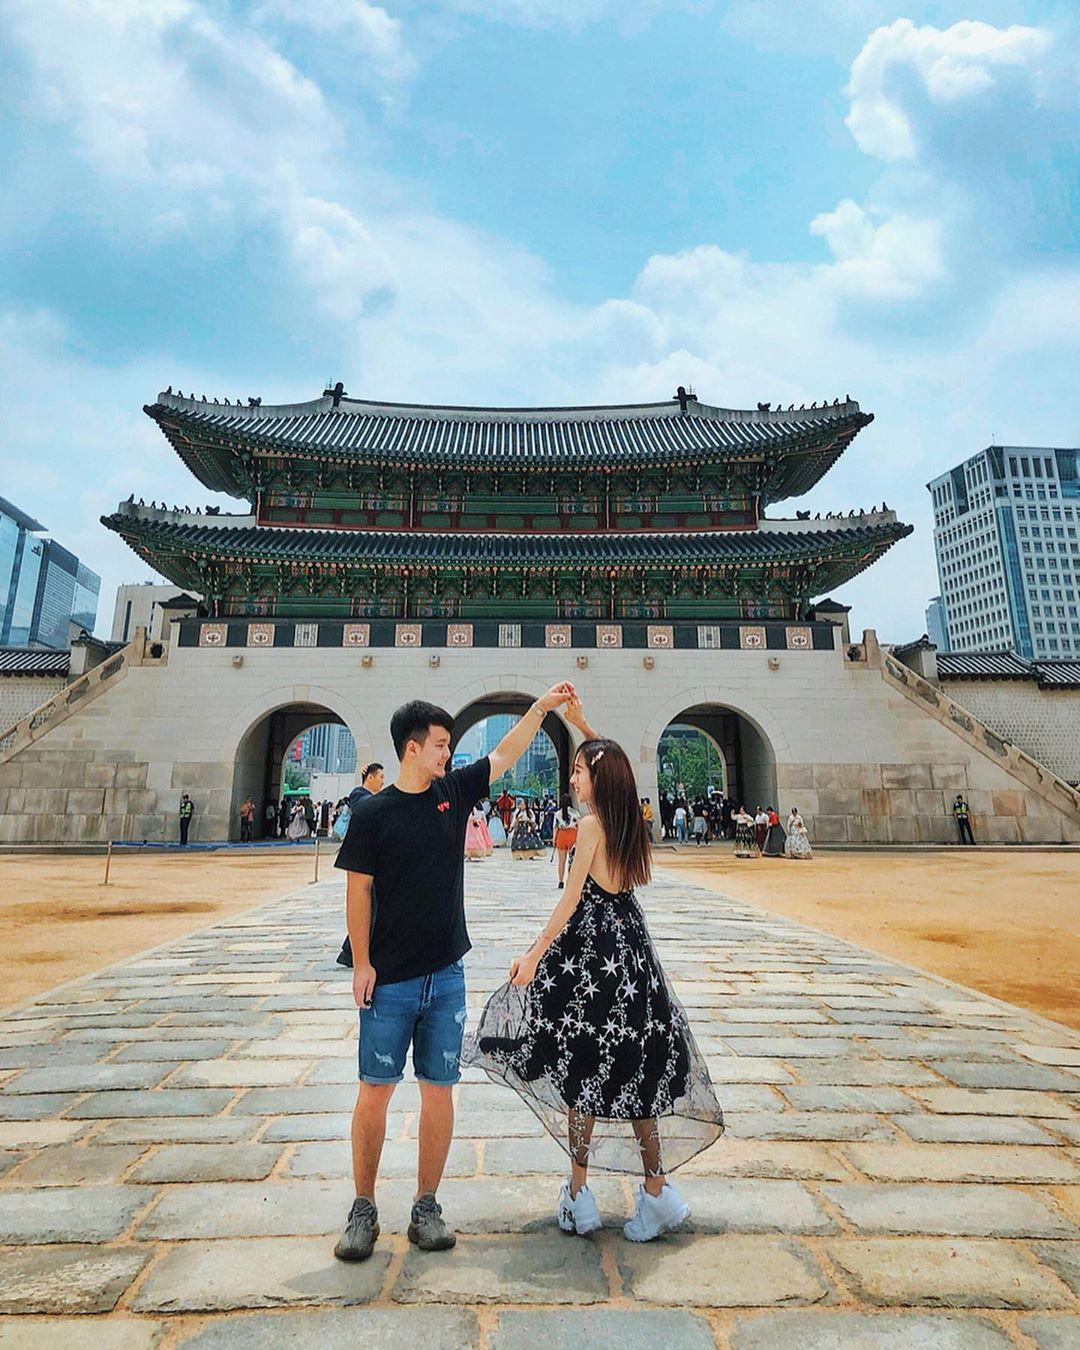 Lạc lối ở Seoul với những cung điện thường thấy trong các bộ phim cổ trang Hàn Quốc - Ảnh 6.